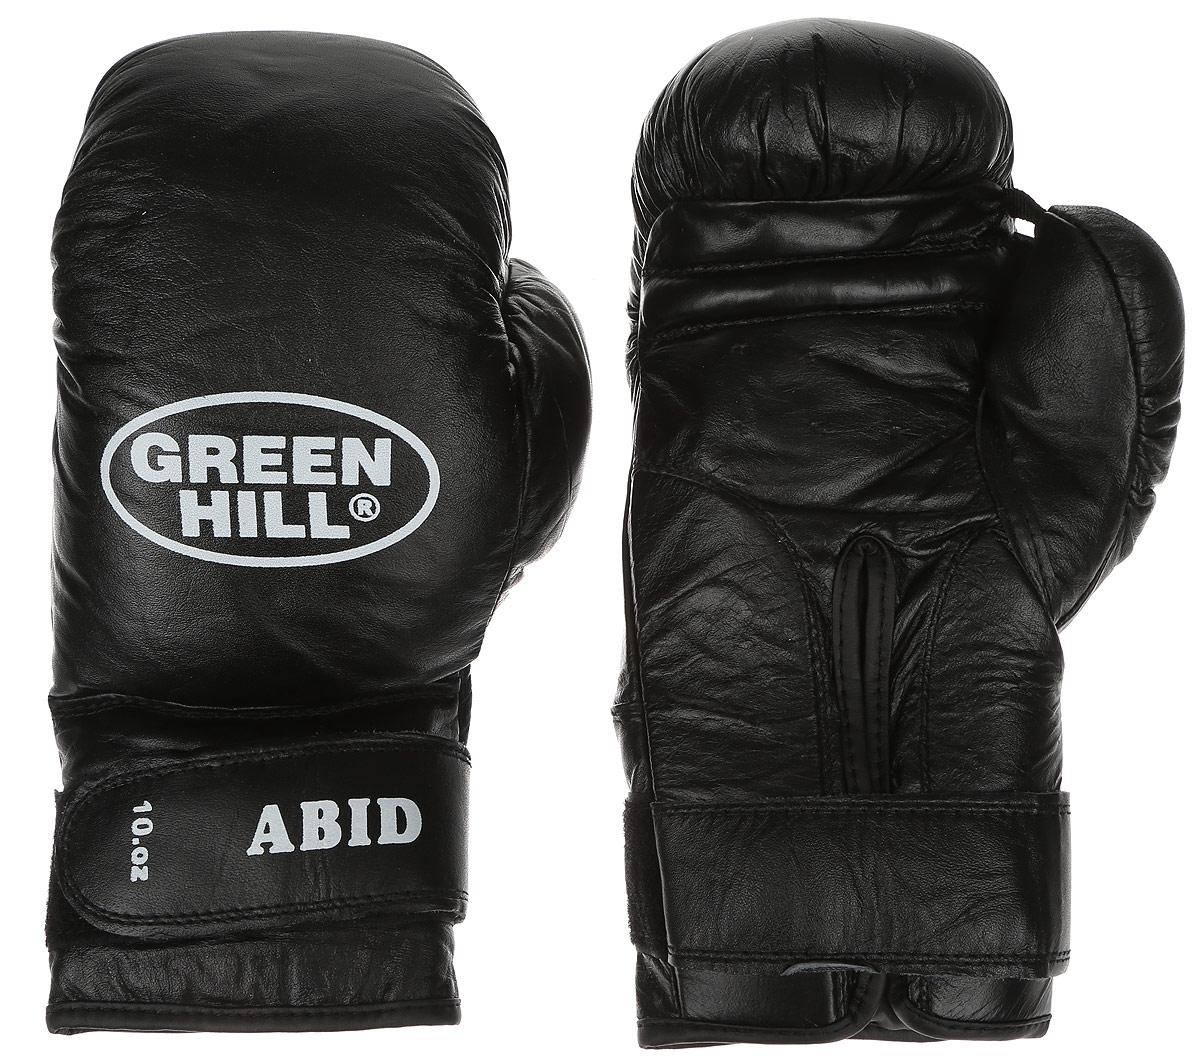 Перчатки боксерские Green Hill Abid, цвет: черный, белый. Вес 10 унцийAIRWHEEL M3-162.8Боксерские тренировочные перчатки Green Hill Abid выполнены из натуральной кожи. Они отлично подойдут для начинающих спортсменов. Мягкий наполнитель из очеса предотвращает любые травмы. Отверстия в районе ладони обеспечивают вентиляцию. Широкий ремень, охватывая запястье, полностью оборачивается вокруг манжеты, благодаря чему создается дополнительная защита лучезапястного сустава от травмирования. Застежка на липучке способствует быстрому и удобному одеванию перчаток, плотно фиксирует перчатки на руке.